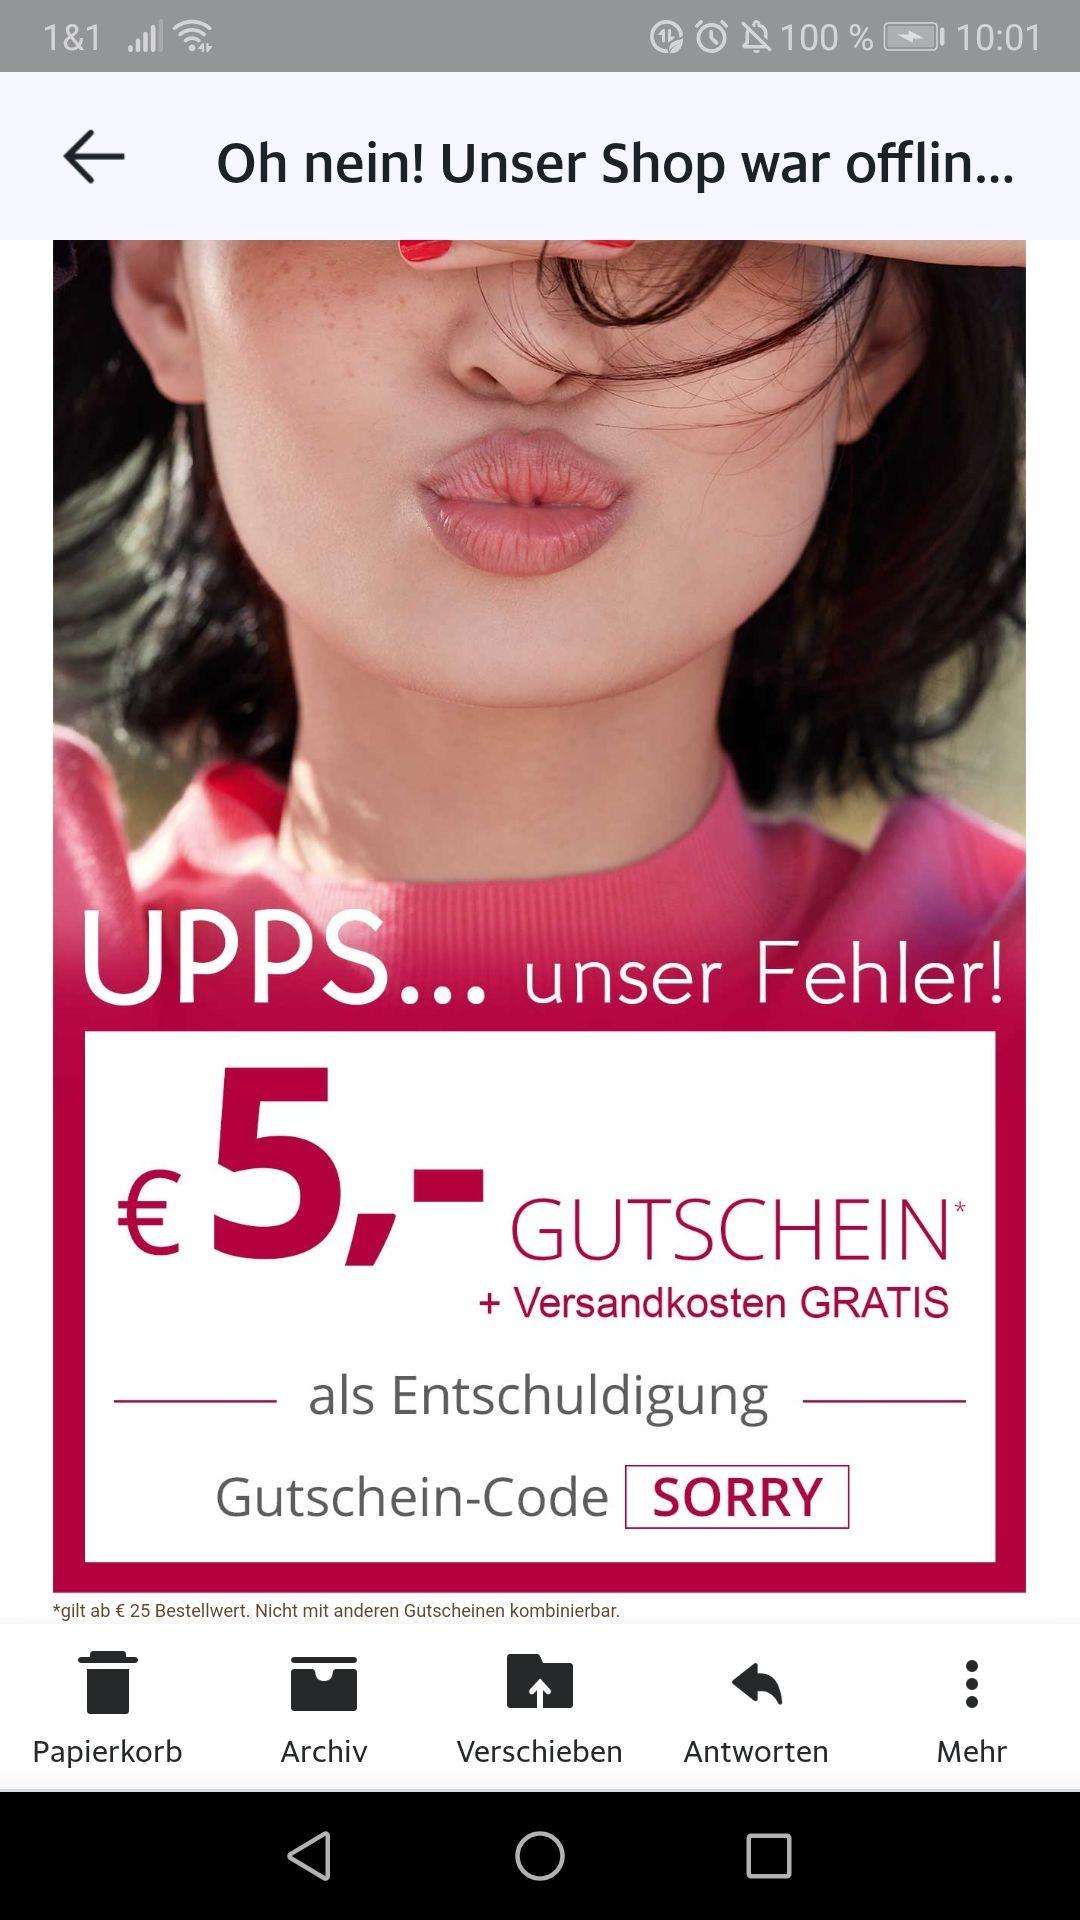 Yves Rocher Gutscheincode für 5€ bei mindestbestellwert 25€ +20% shoop